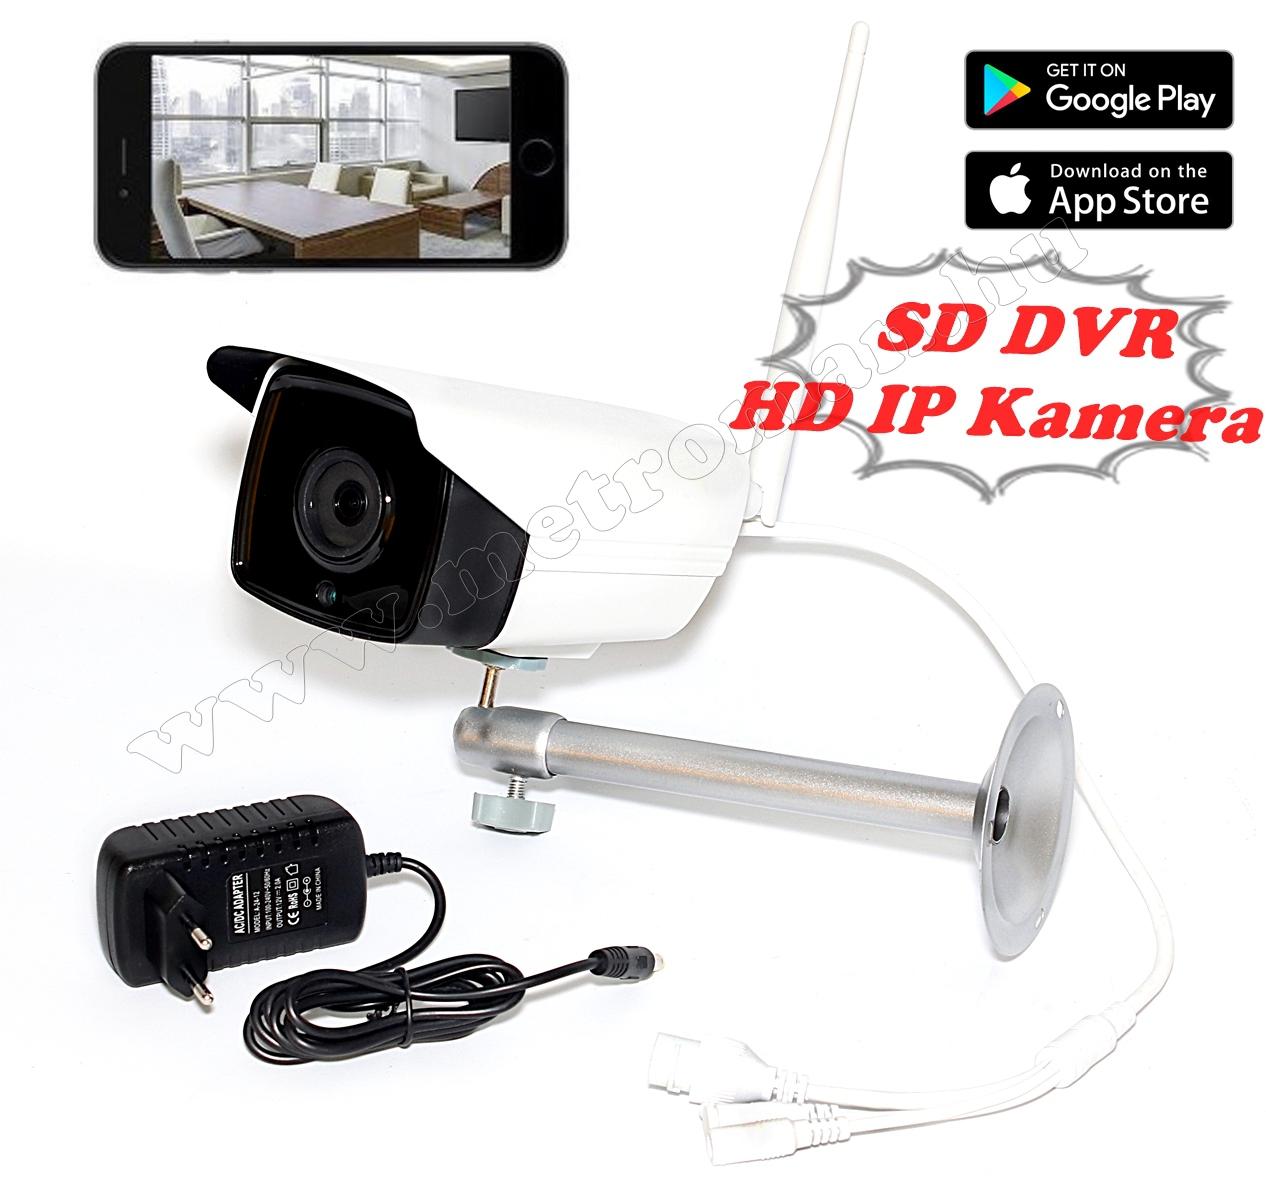 Vezeték nélküli Kültéri SD DVR Wifi IP Android iPhone megfigyelő kamera YW804 1Mp HD